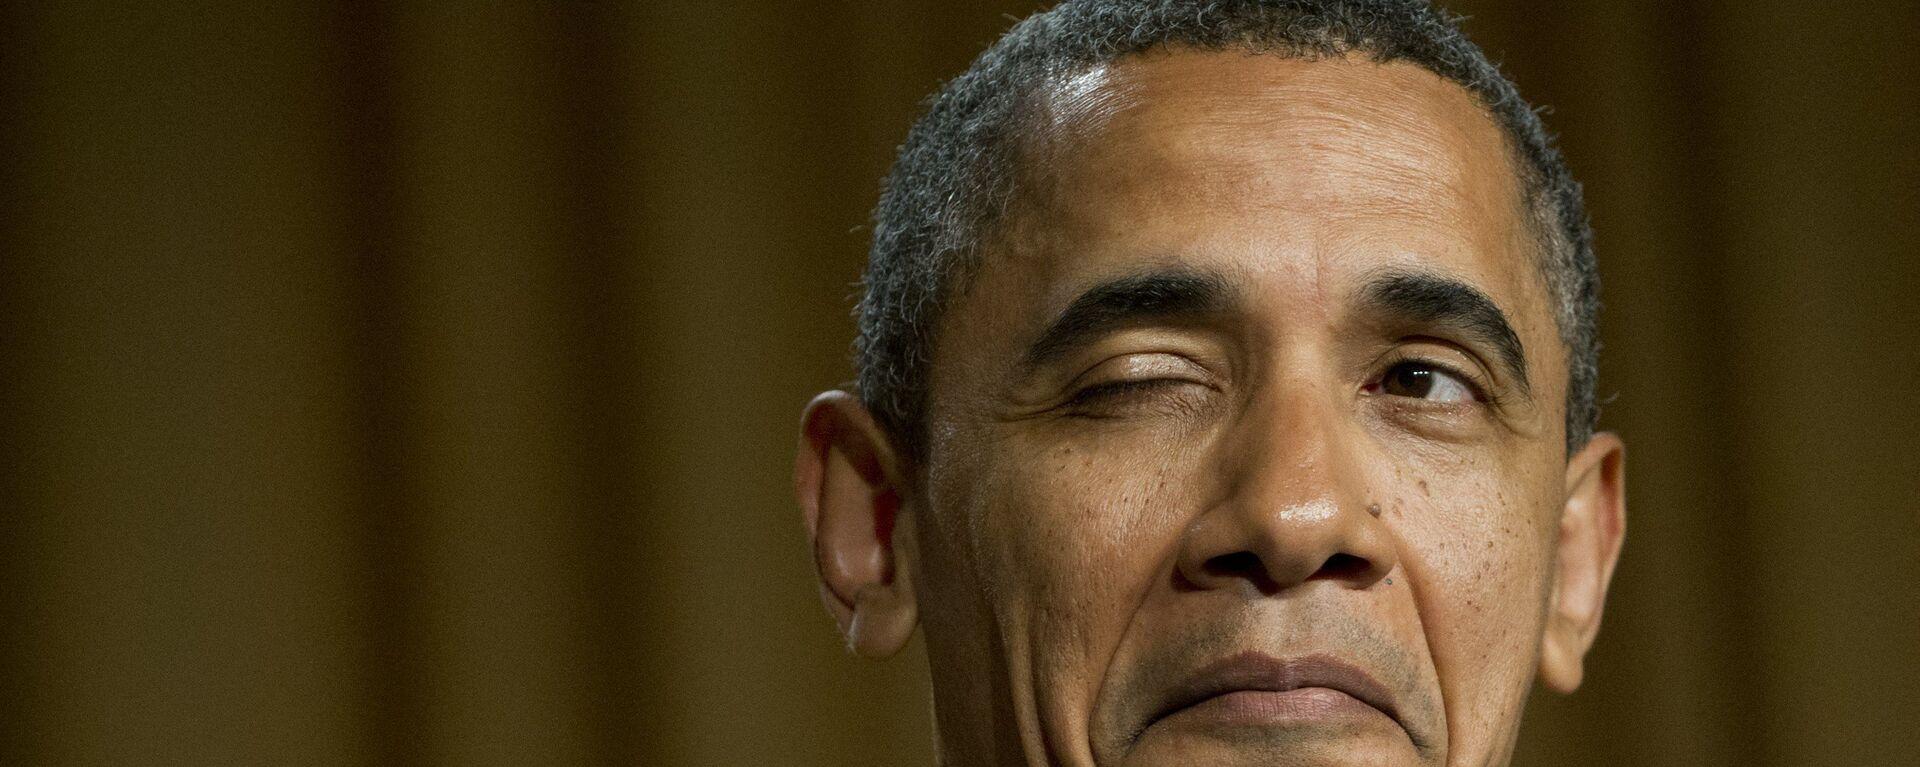 Bývalý prezident USA Barack Obama - Sputnik Česká republika, 1920, 19.05.2021